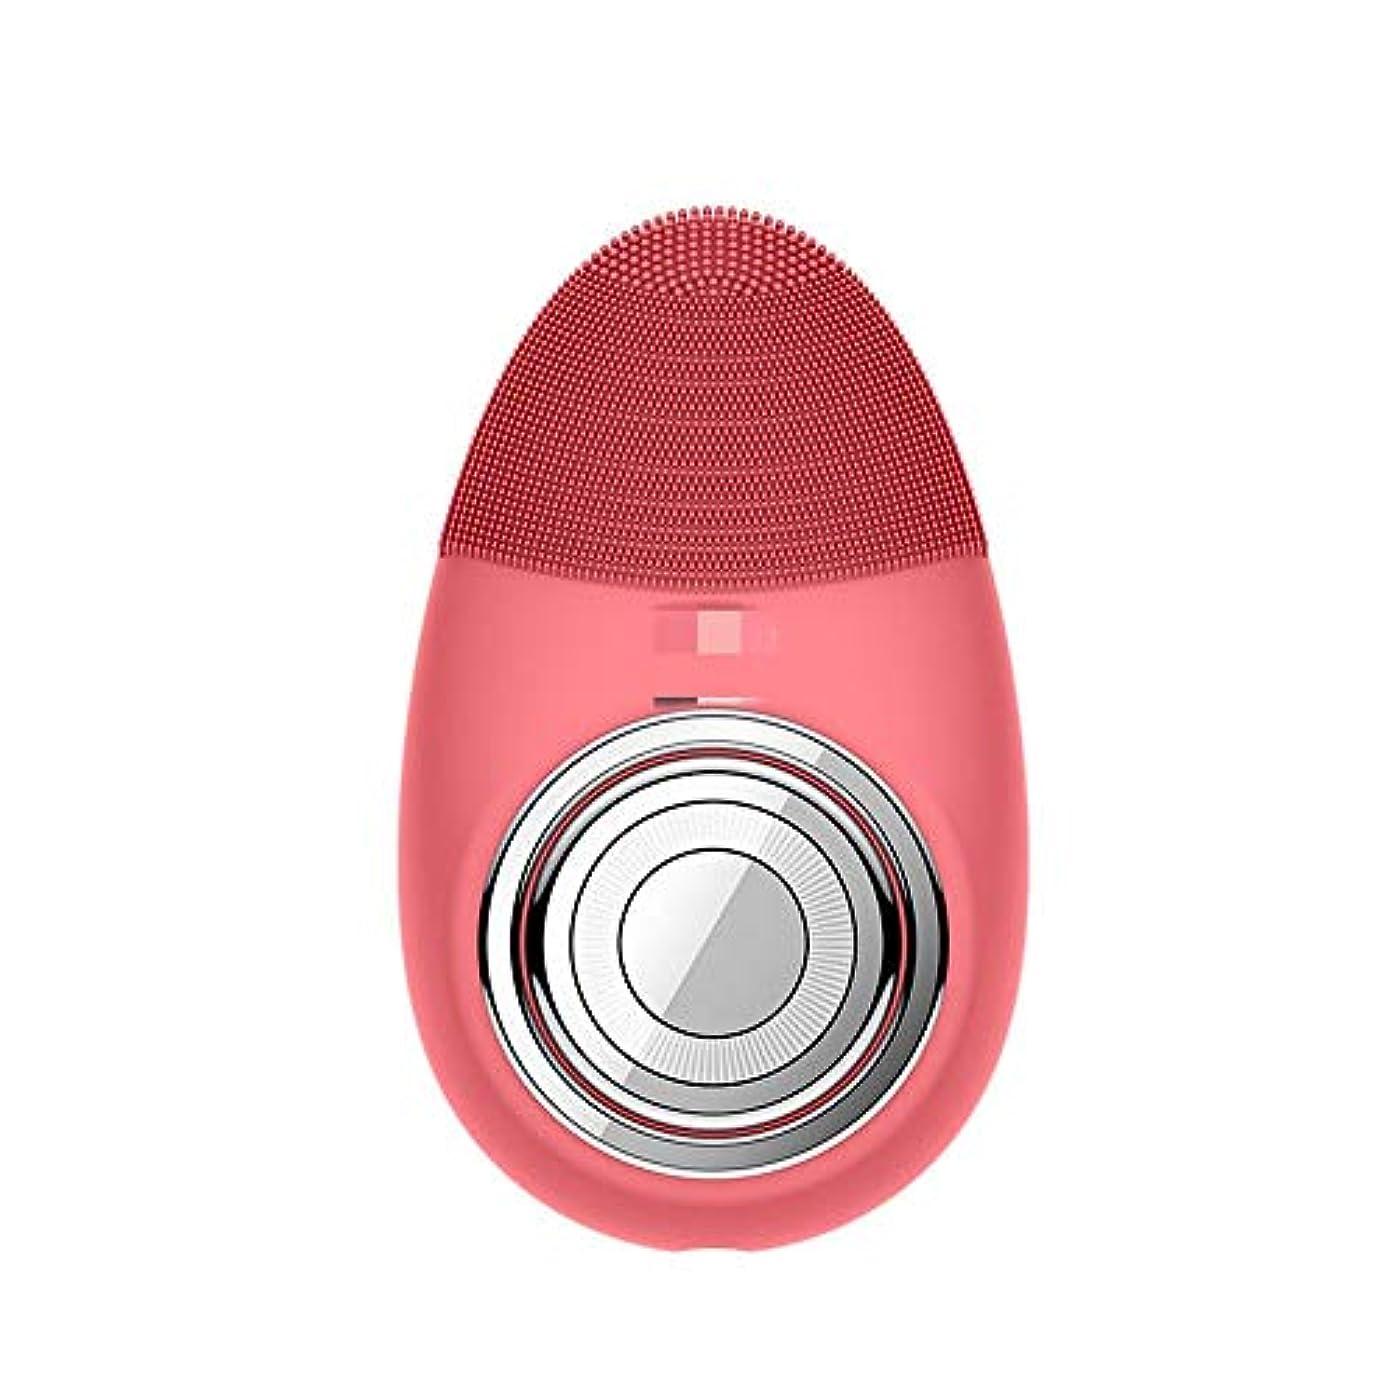 天国親指ミシン目Chaopeng 多機能電気恒温シリコーンクレンジング楽器赤灯肌清潔毛穴クリーナー輸入機器美容機器 (Color : Red)